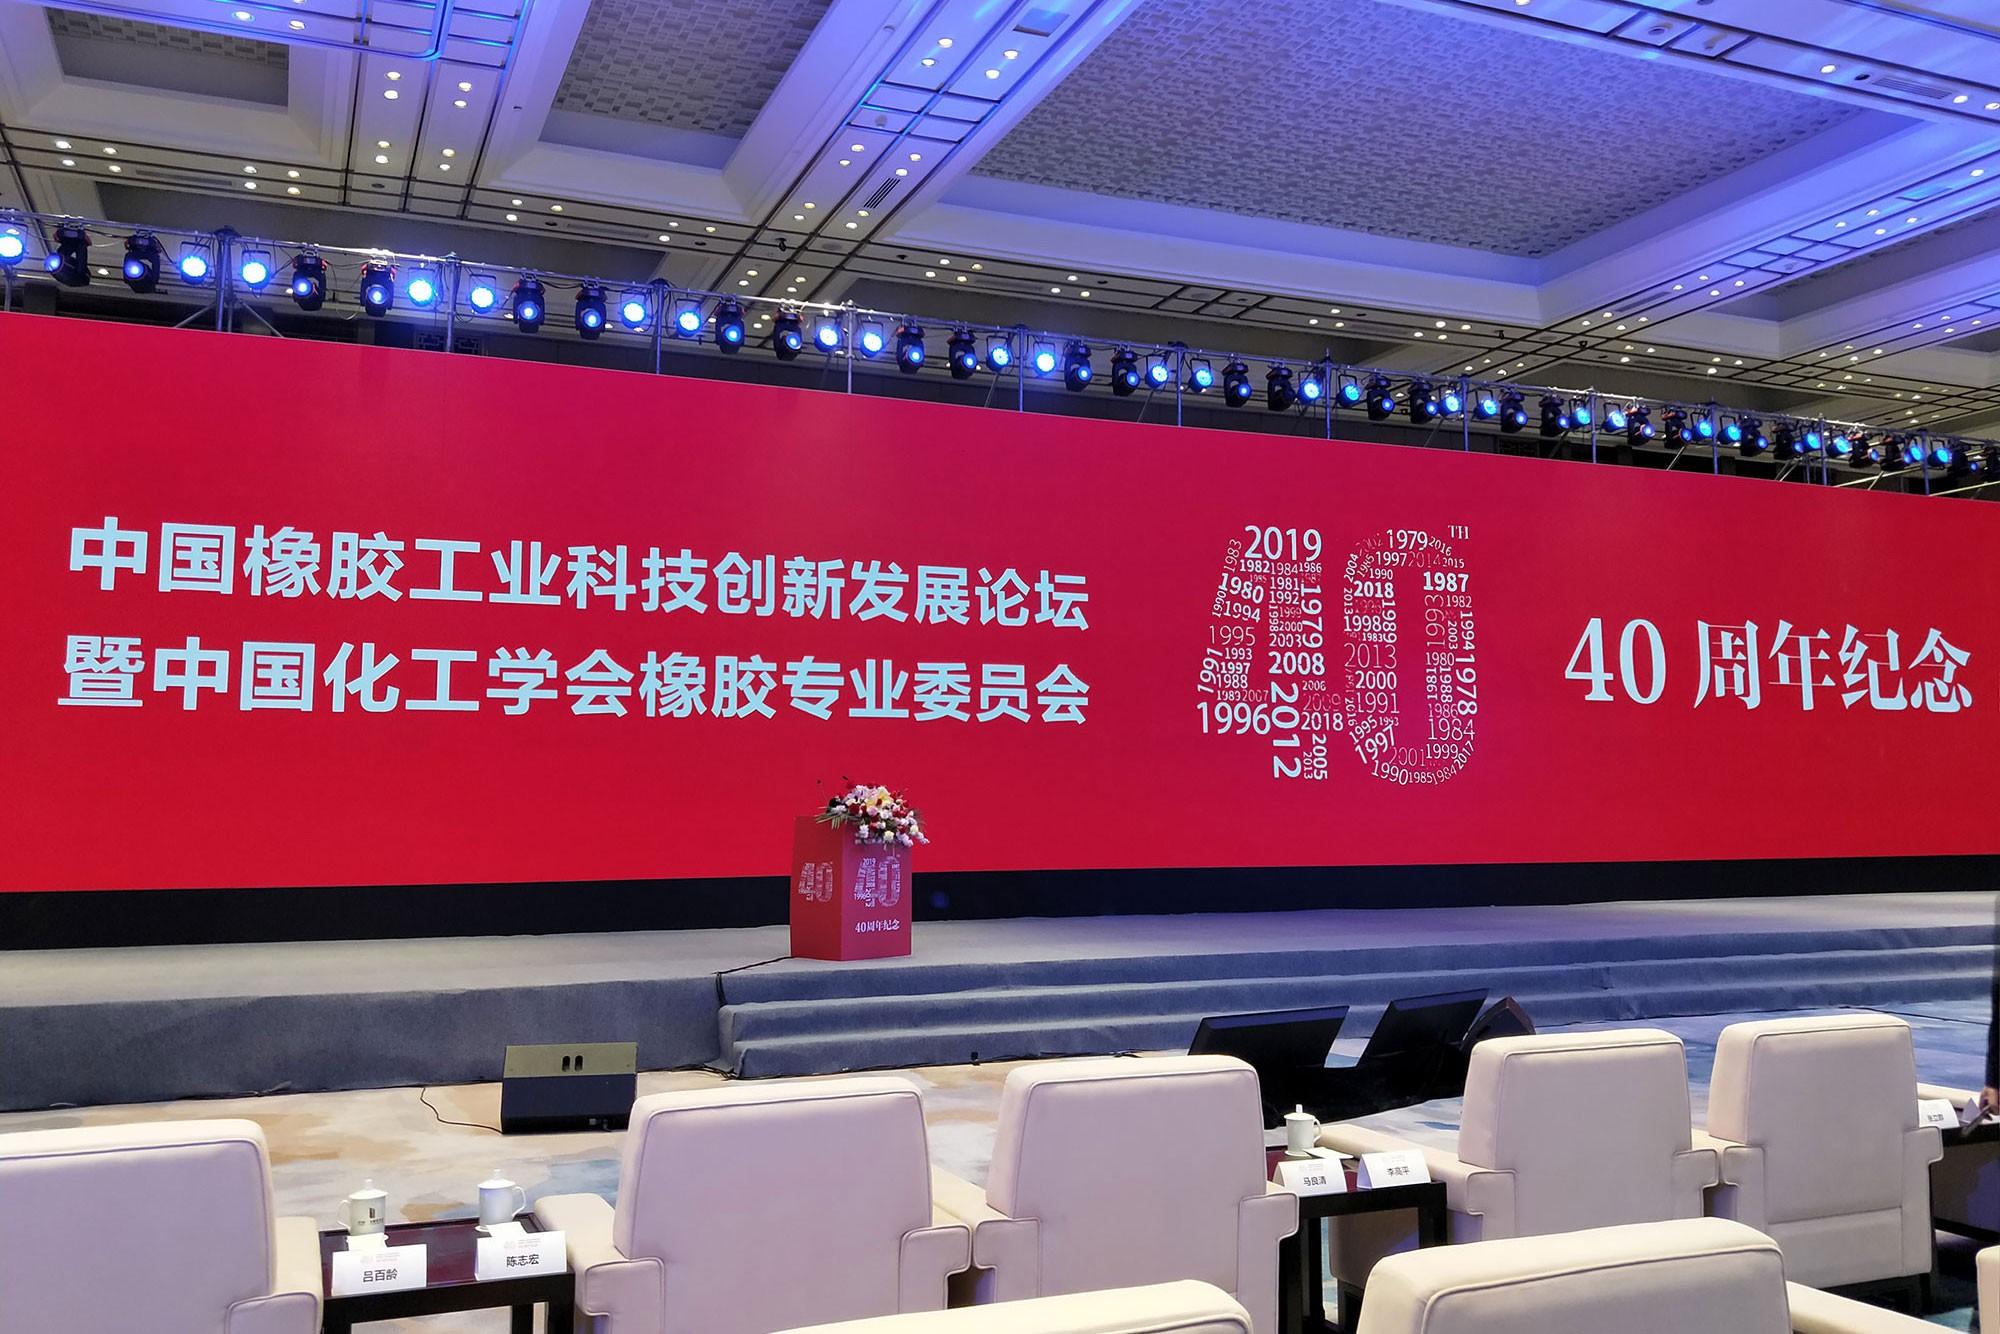 传承历史,致敬未来----中国橡胶工业改革开放40周年纪念大会纪实!